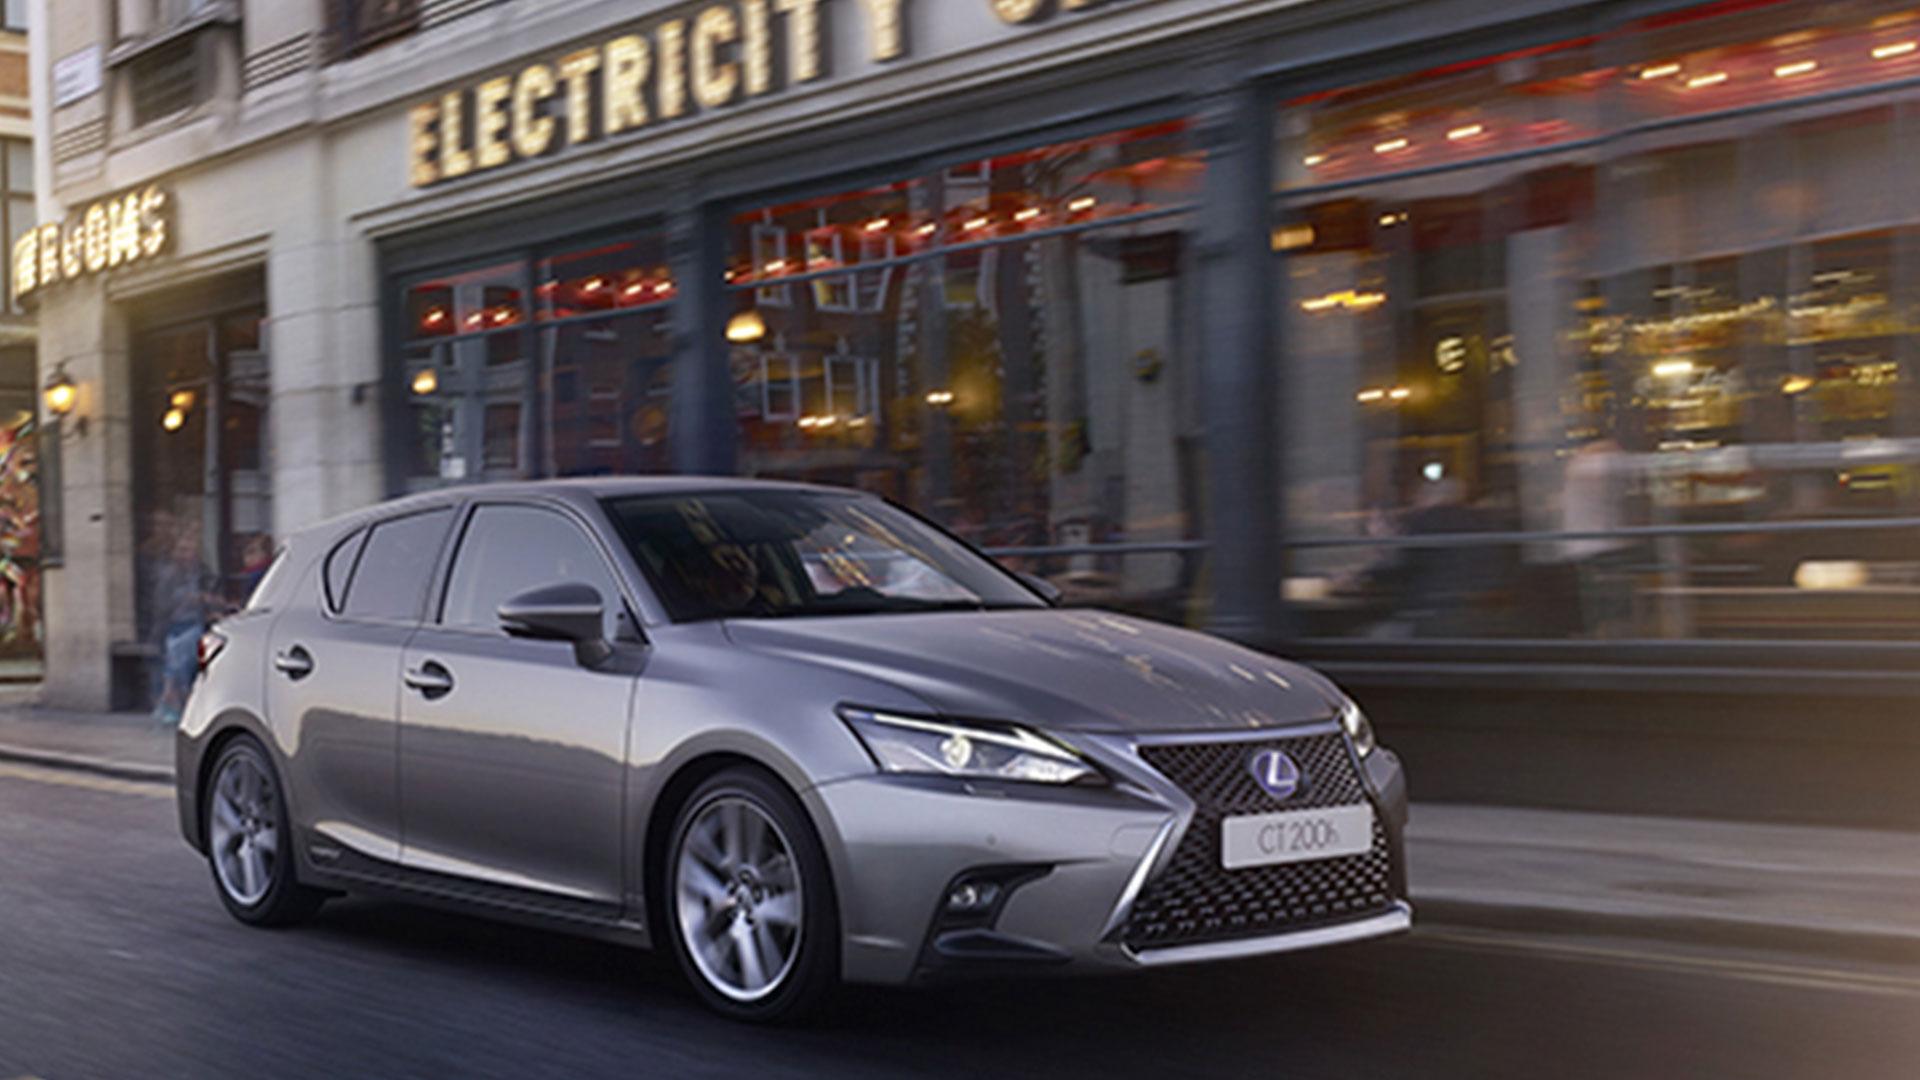 Lexus Salón Automóvil Frankfurt hero asset